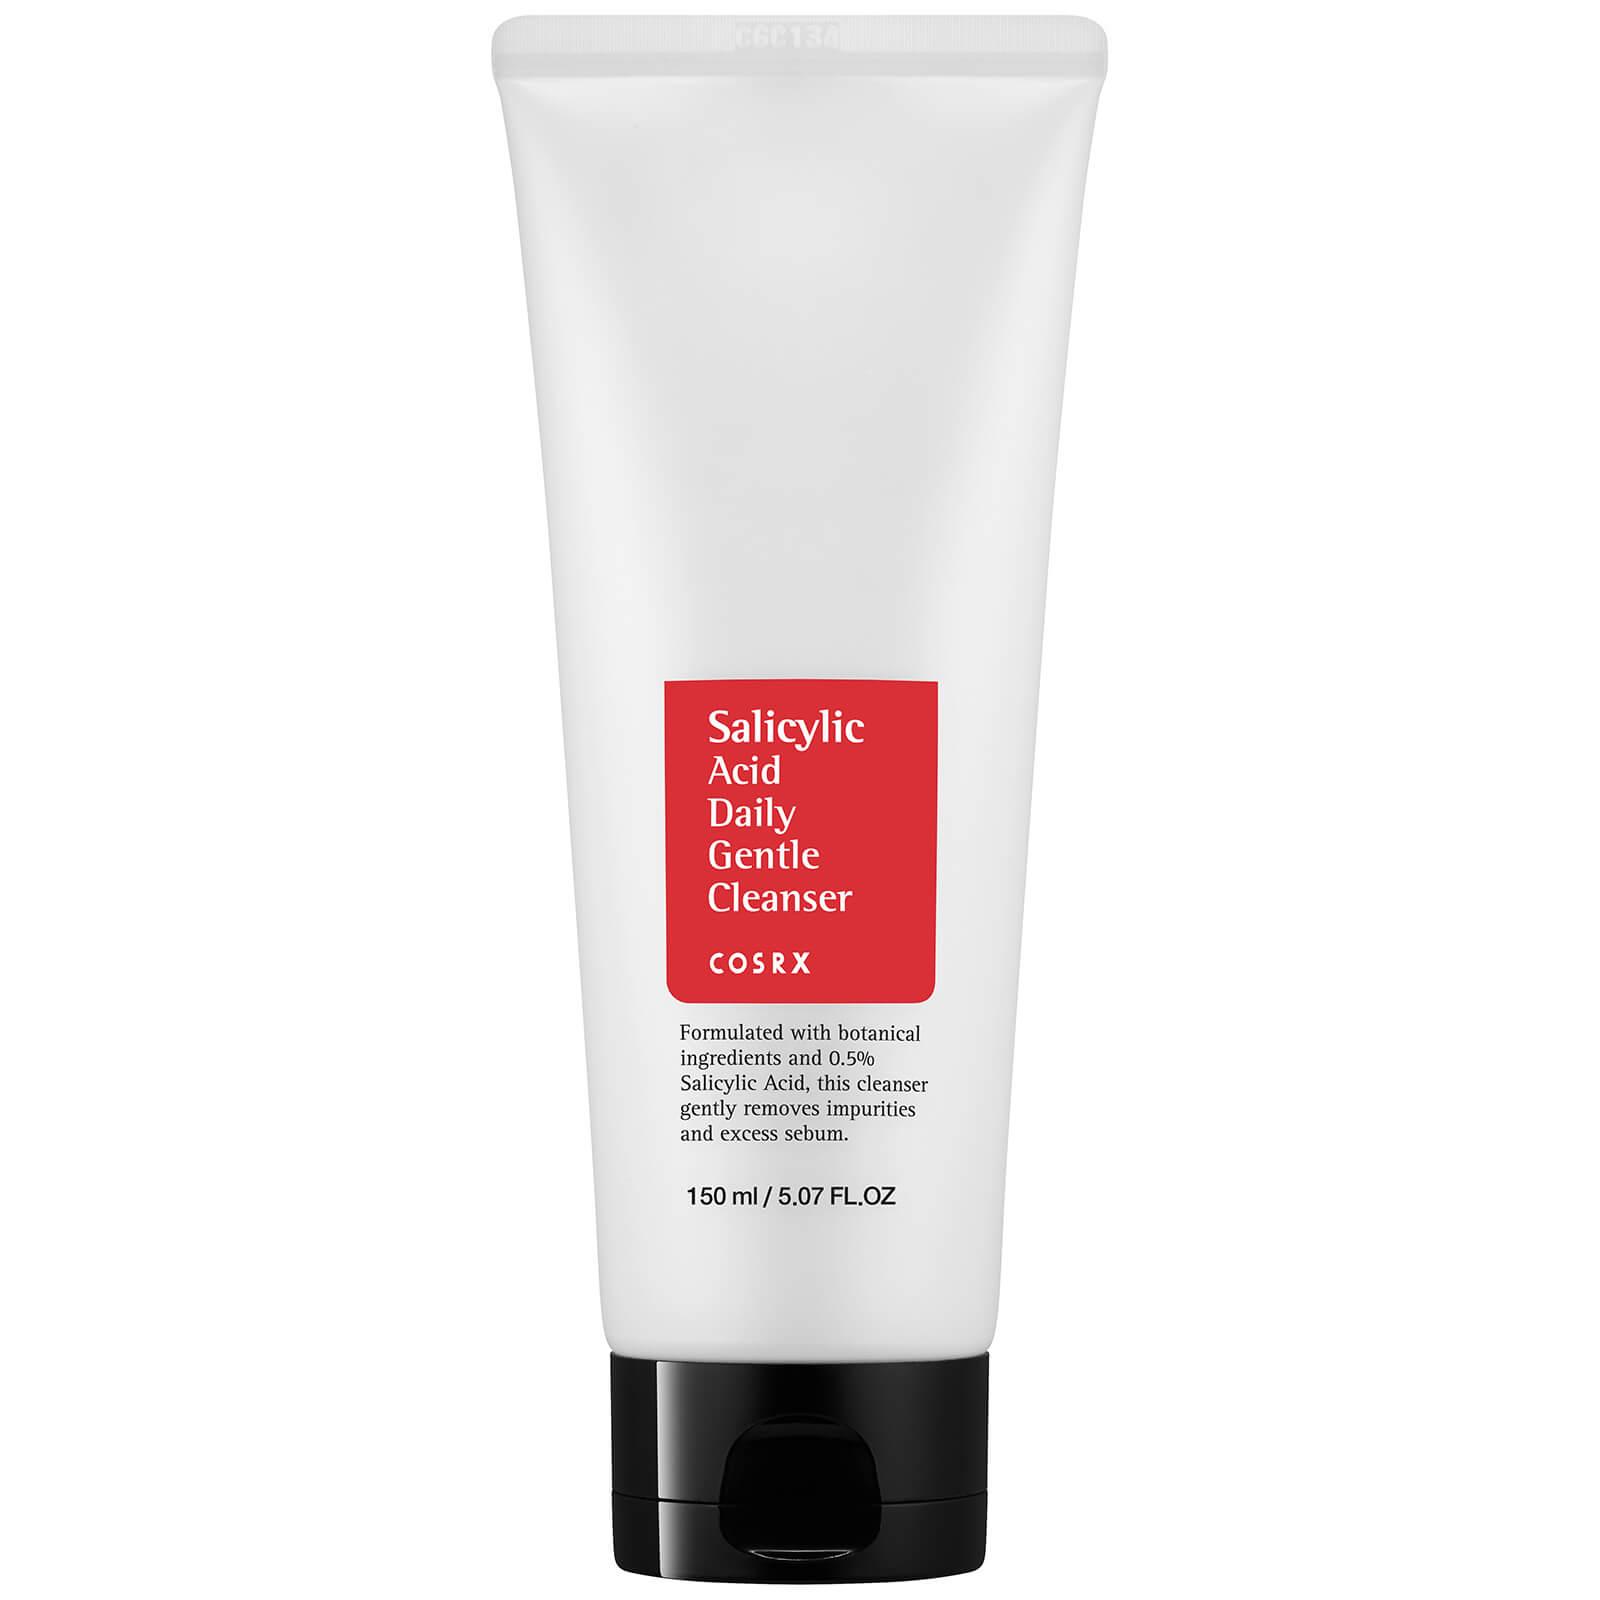 Limpiador facial suave diario con ácido salicílico de COSRX